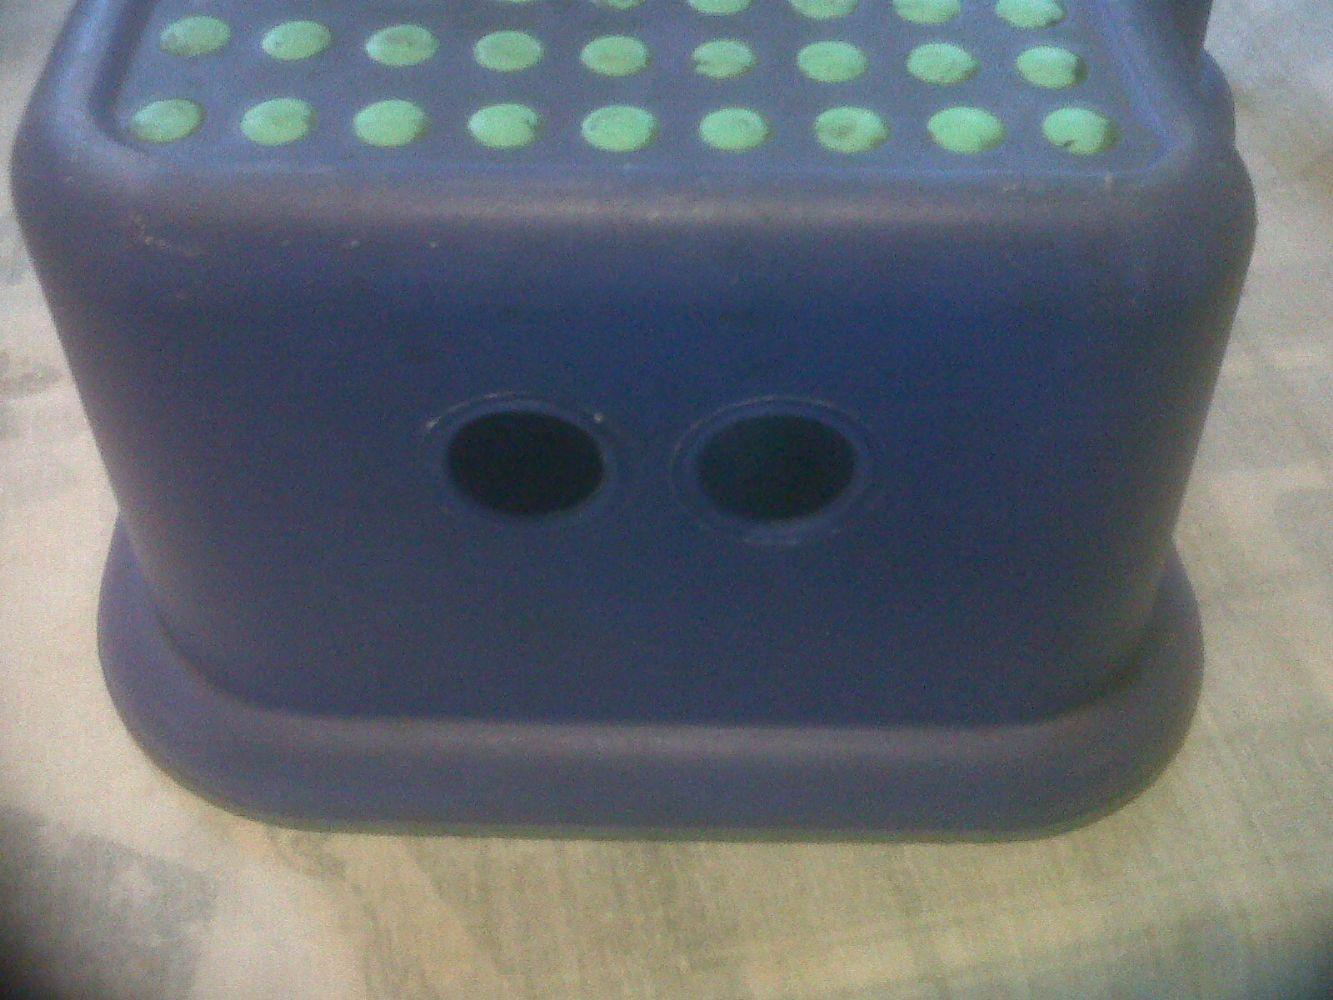 Baratto scambio: sgabello ikea [ bimbi accessori] a trebisacce cs